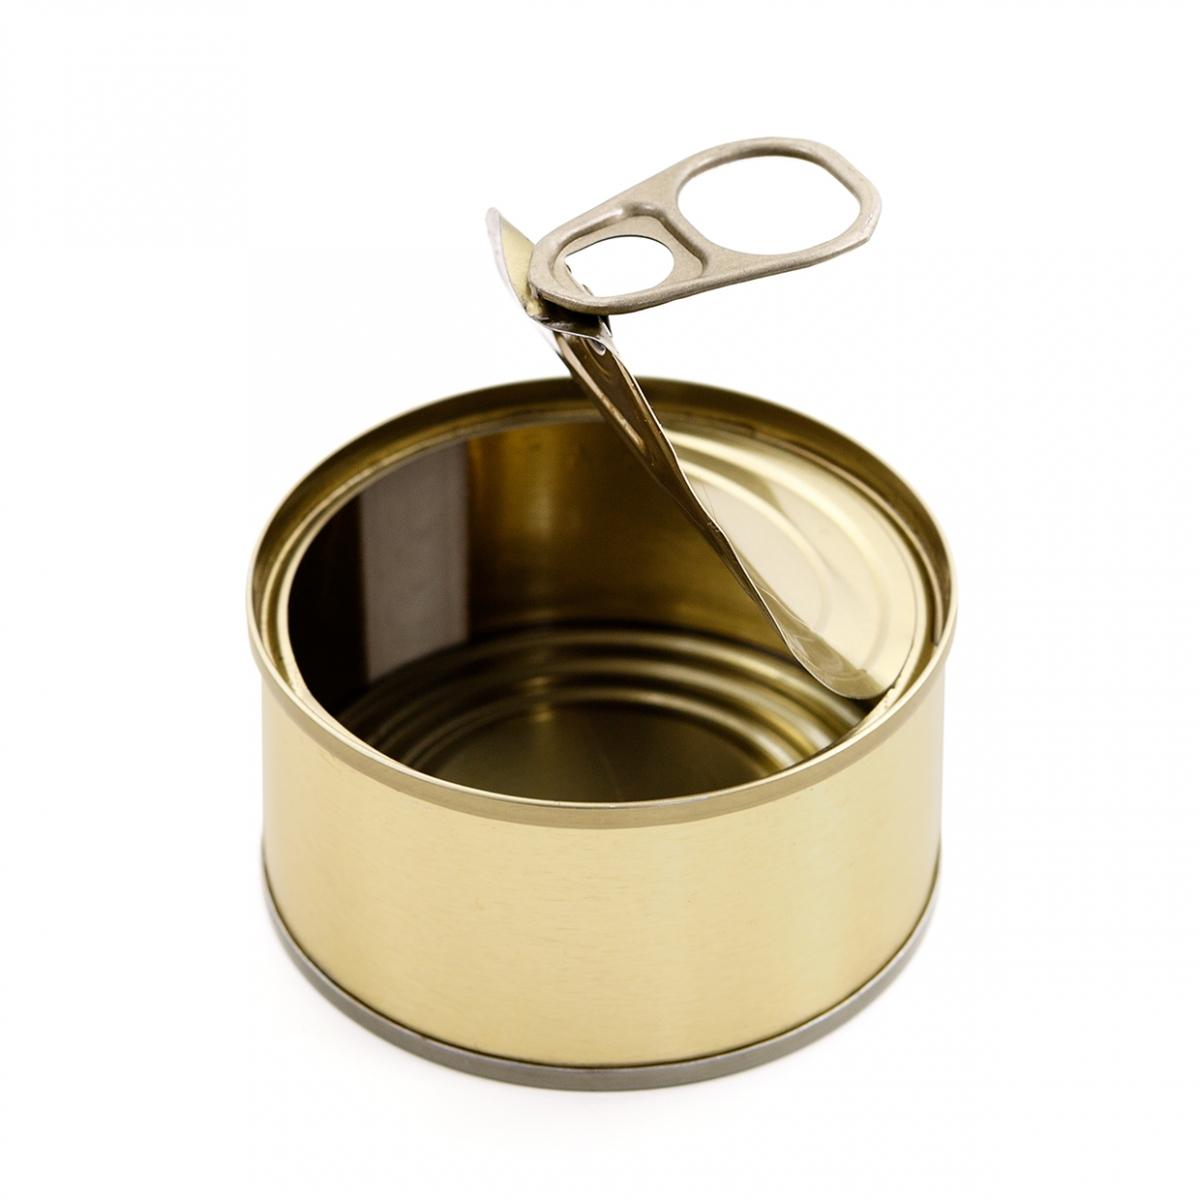 Imagen en la que se ve una lata abierta